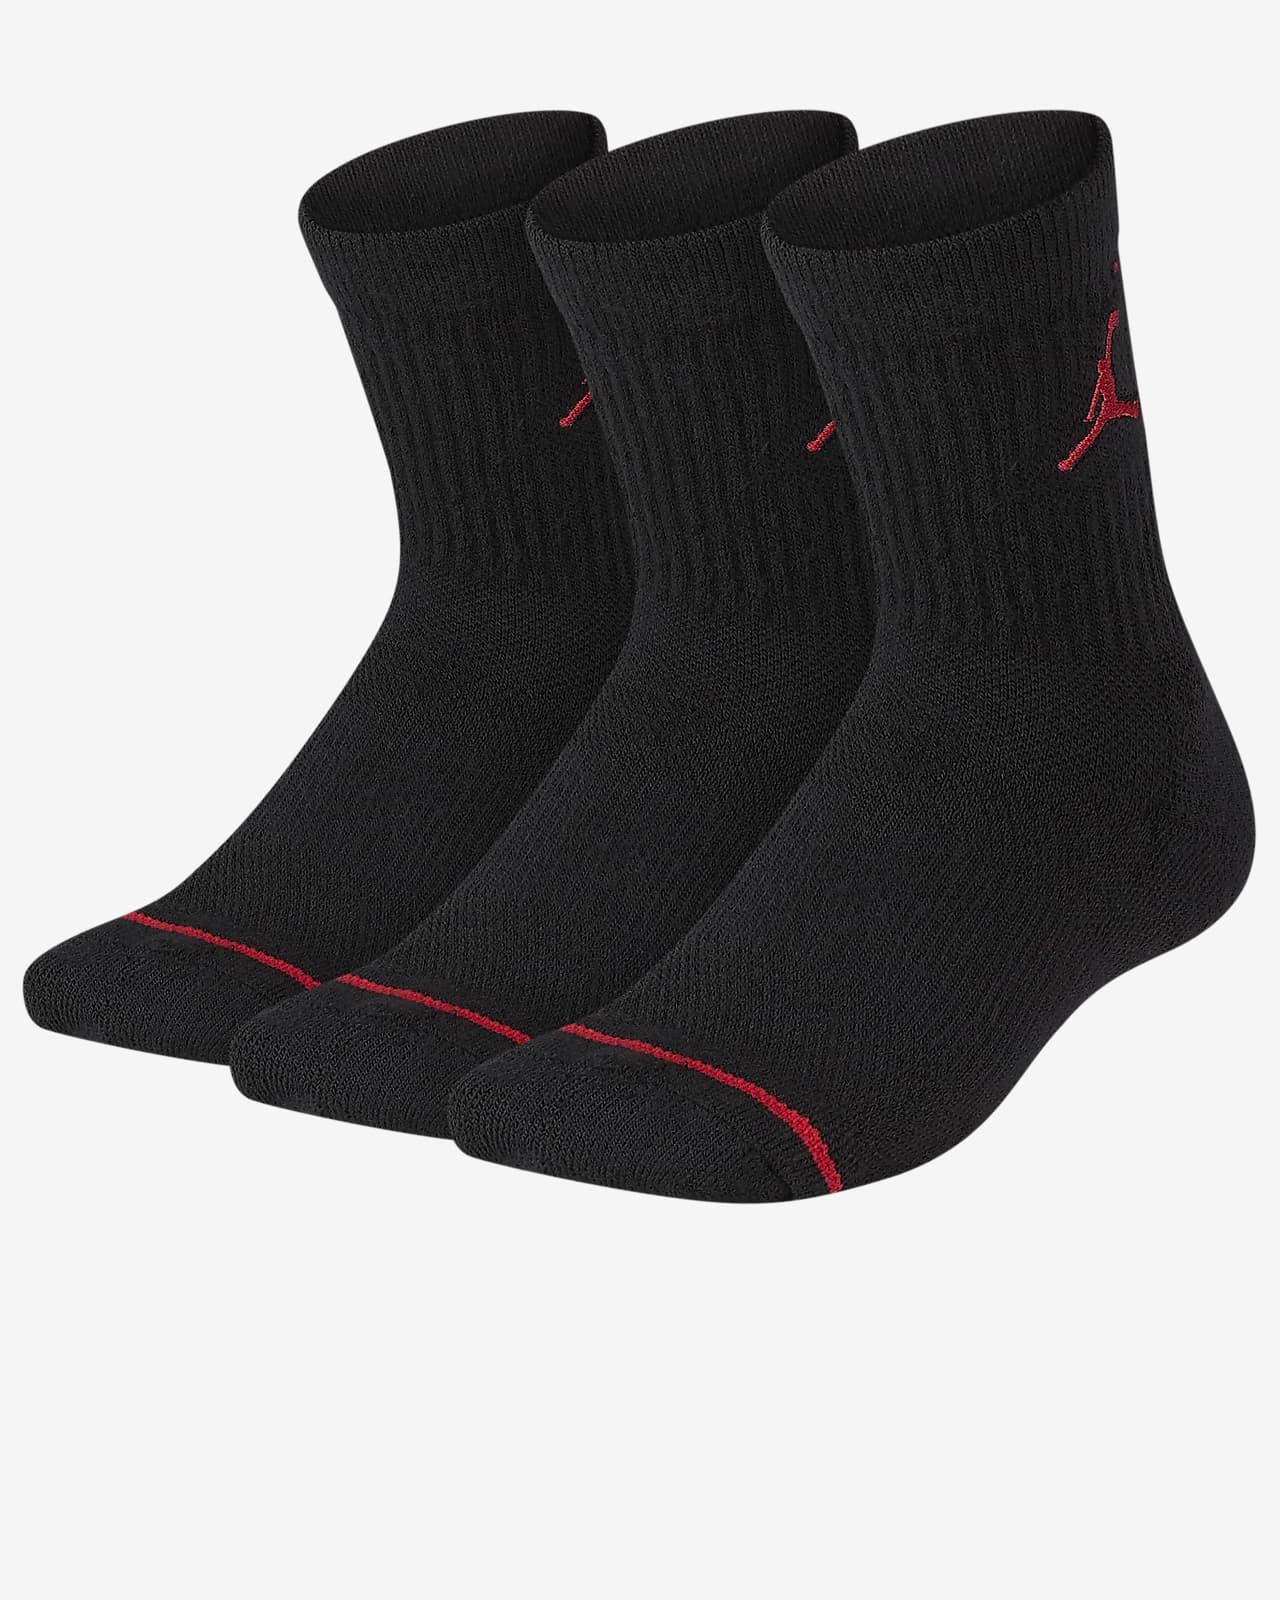 Calcetines largos para niños talla grande Jordan Cushioned (3 pares) Calcetines largos para niños talla grande Jordan Cushioned (3 pares)